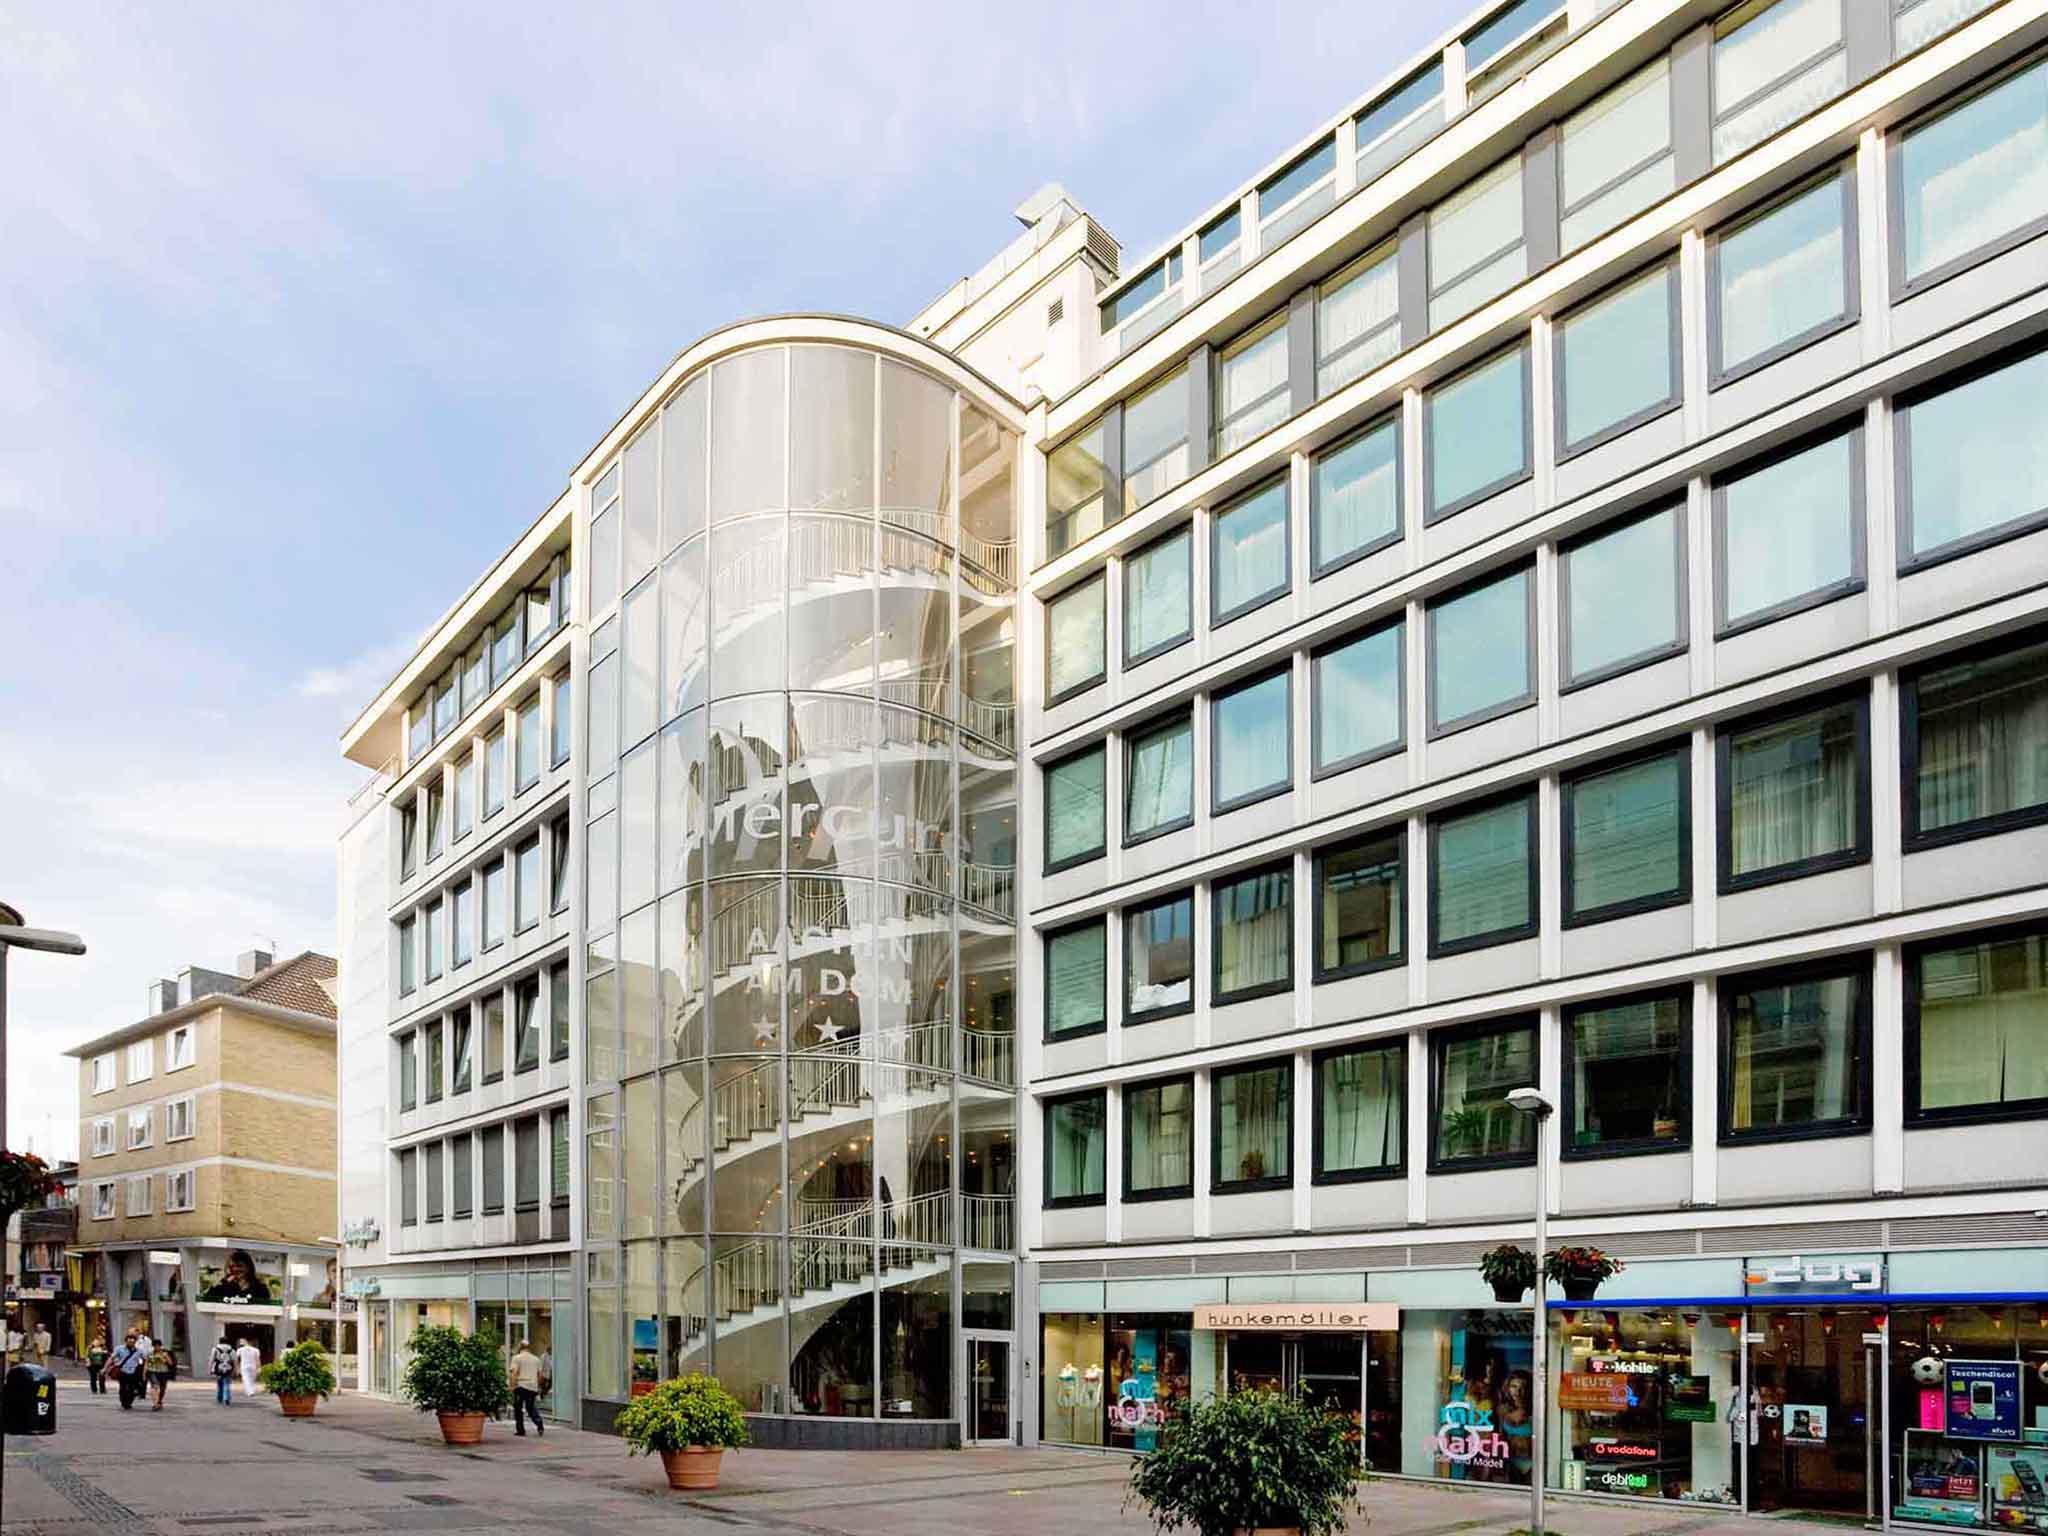 Hotel – Mercure Hotel Aachen am Dom